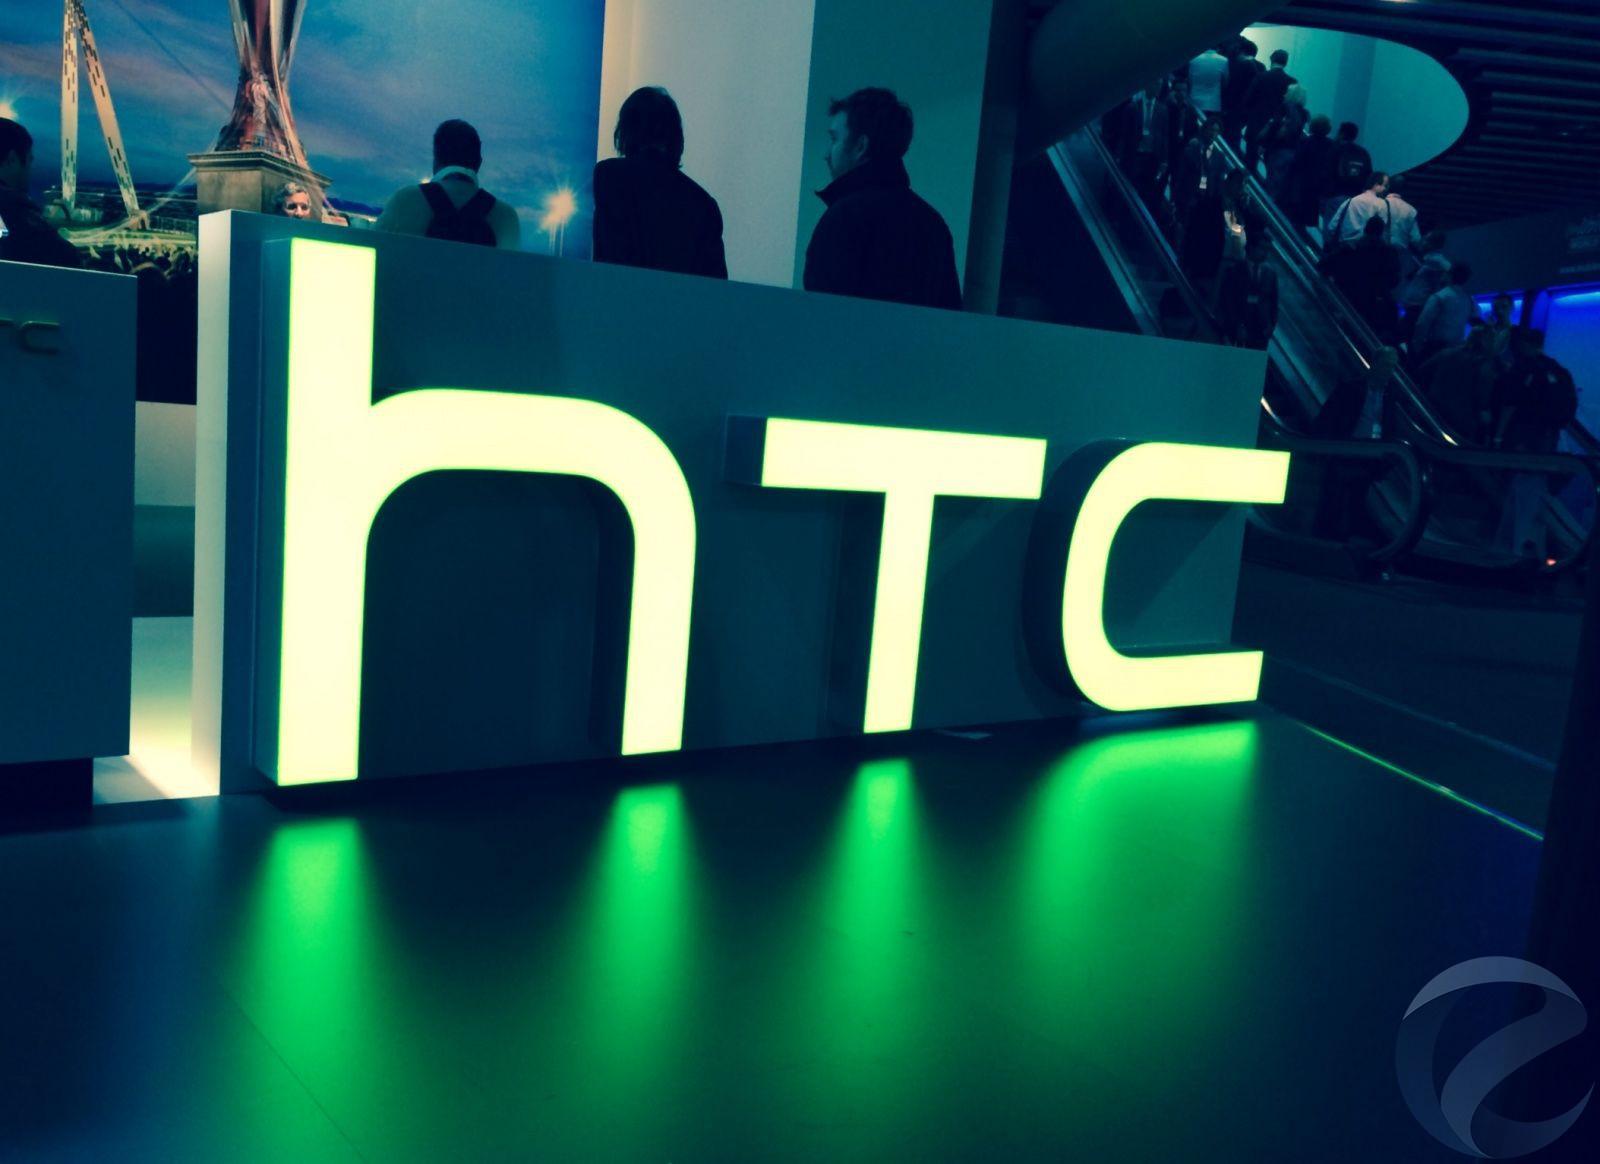 НТС вШанхае продала завод попроизводству телефонов иочков виртуальной реальности